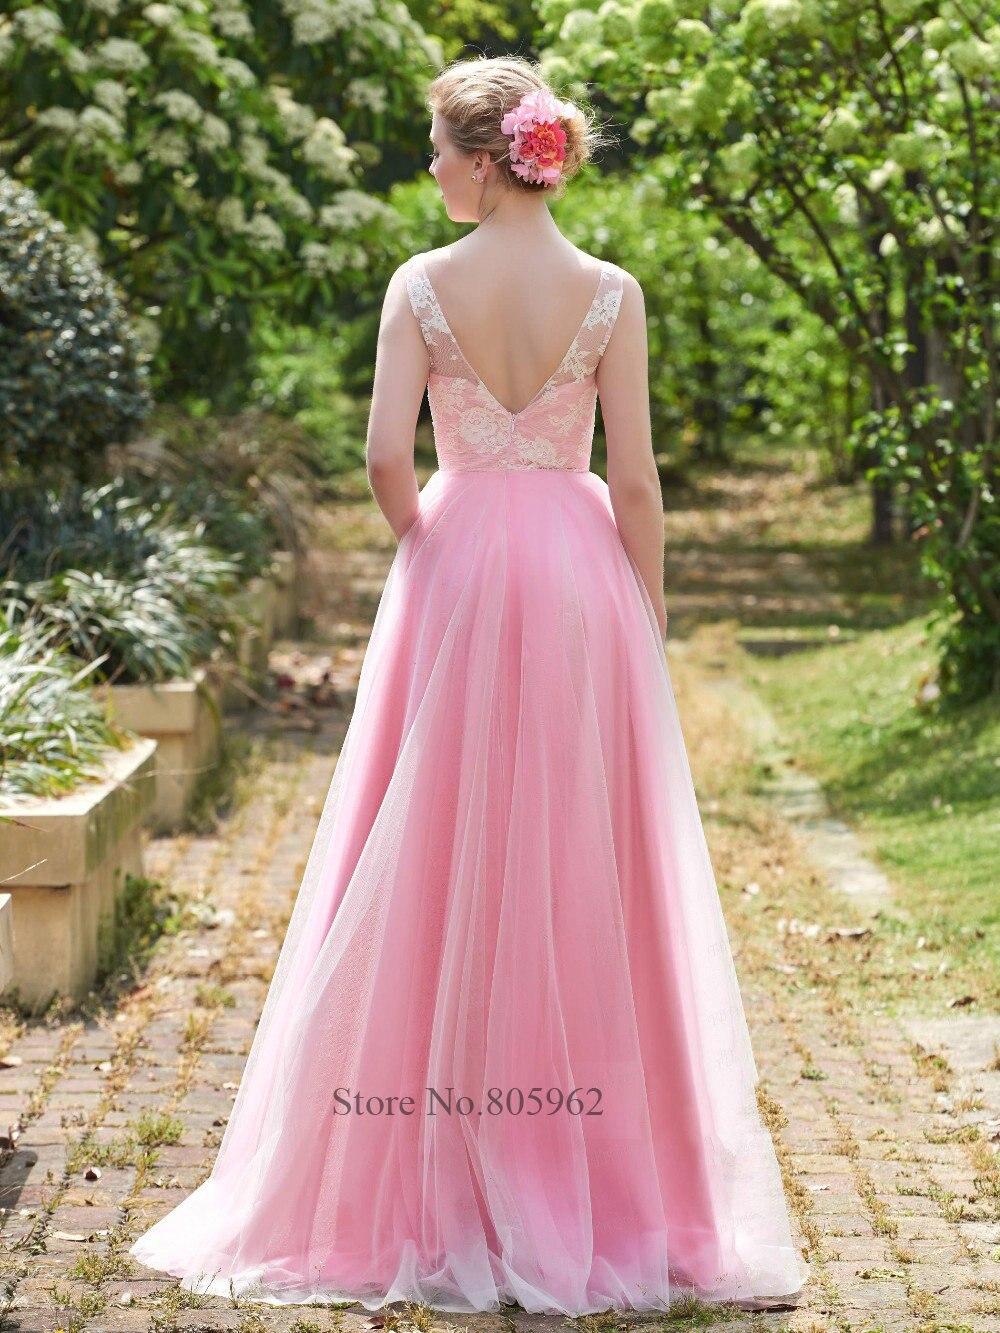 Hermosa Invitado En El Vestido De Novia Adorno - Colección de ...